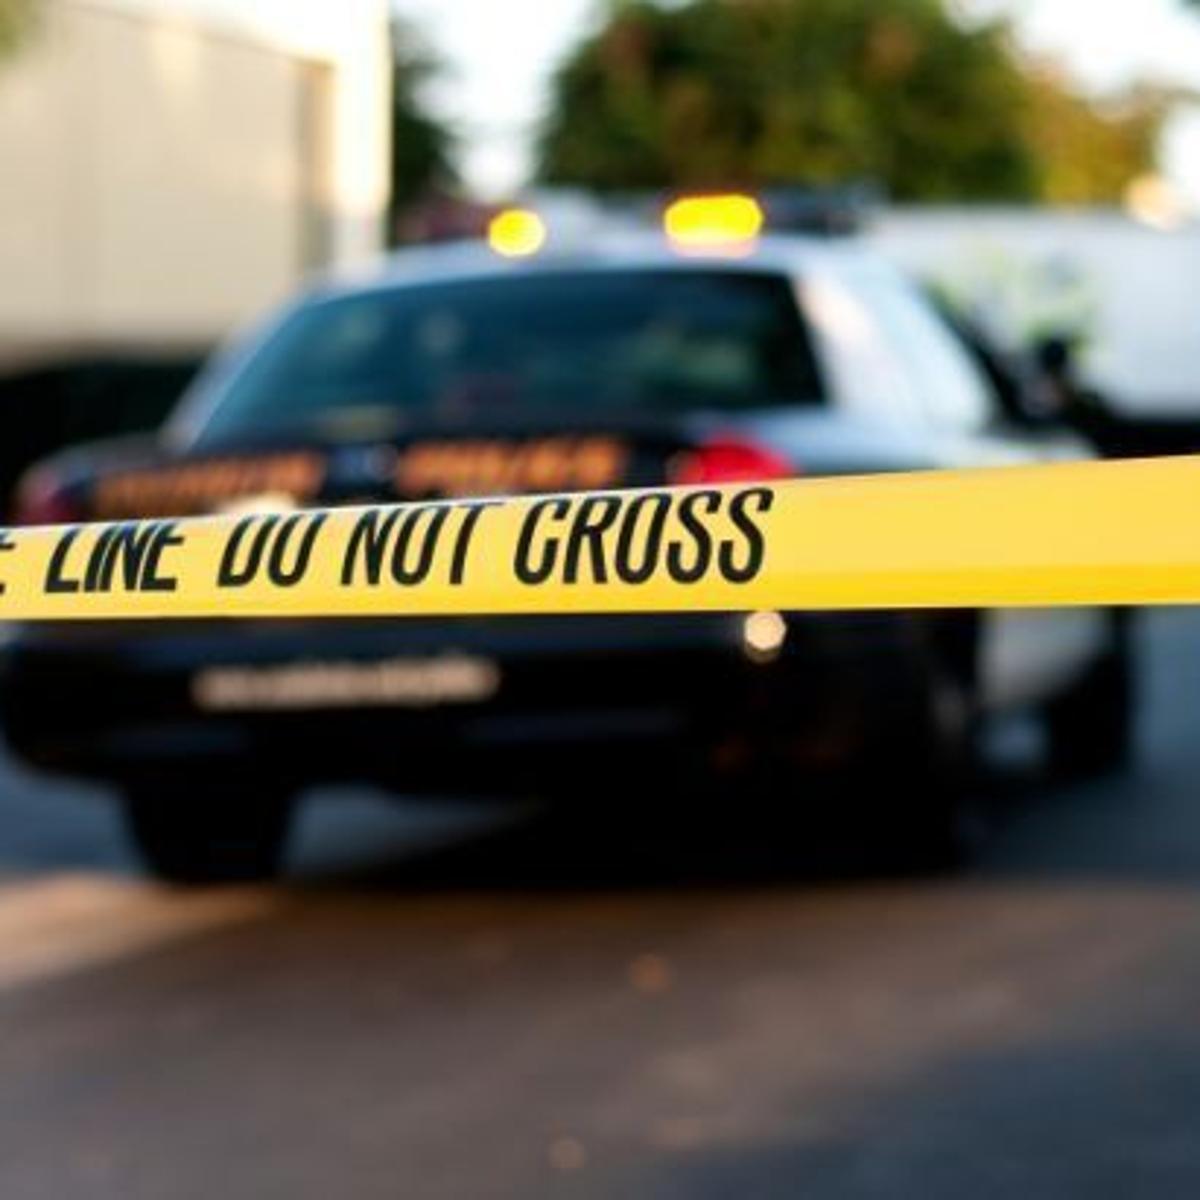 Albany County sheriff's deputy shoots and kills man